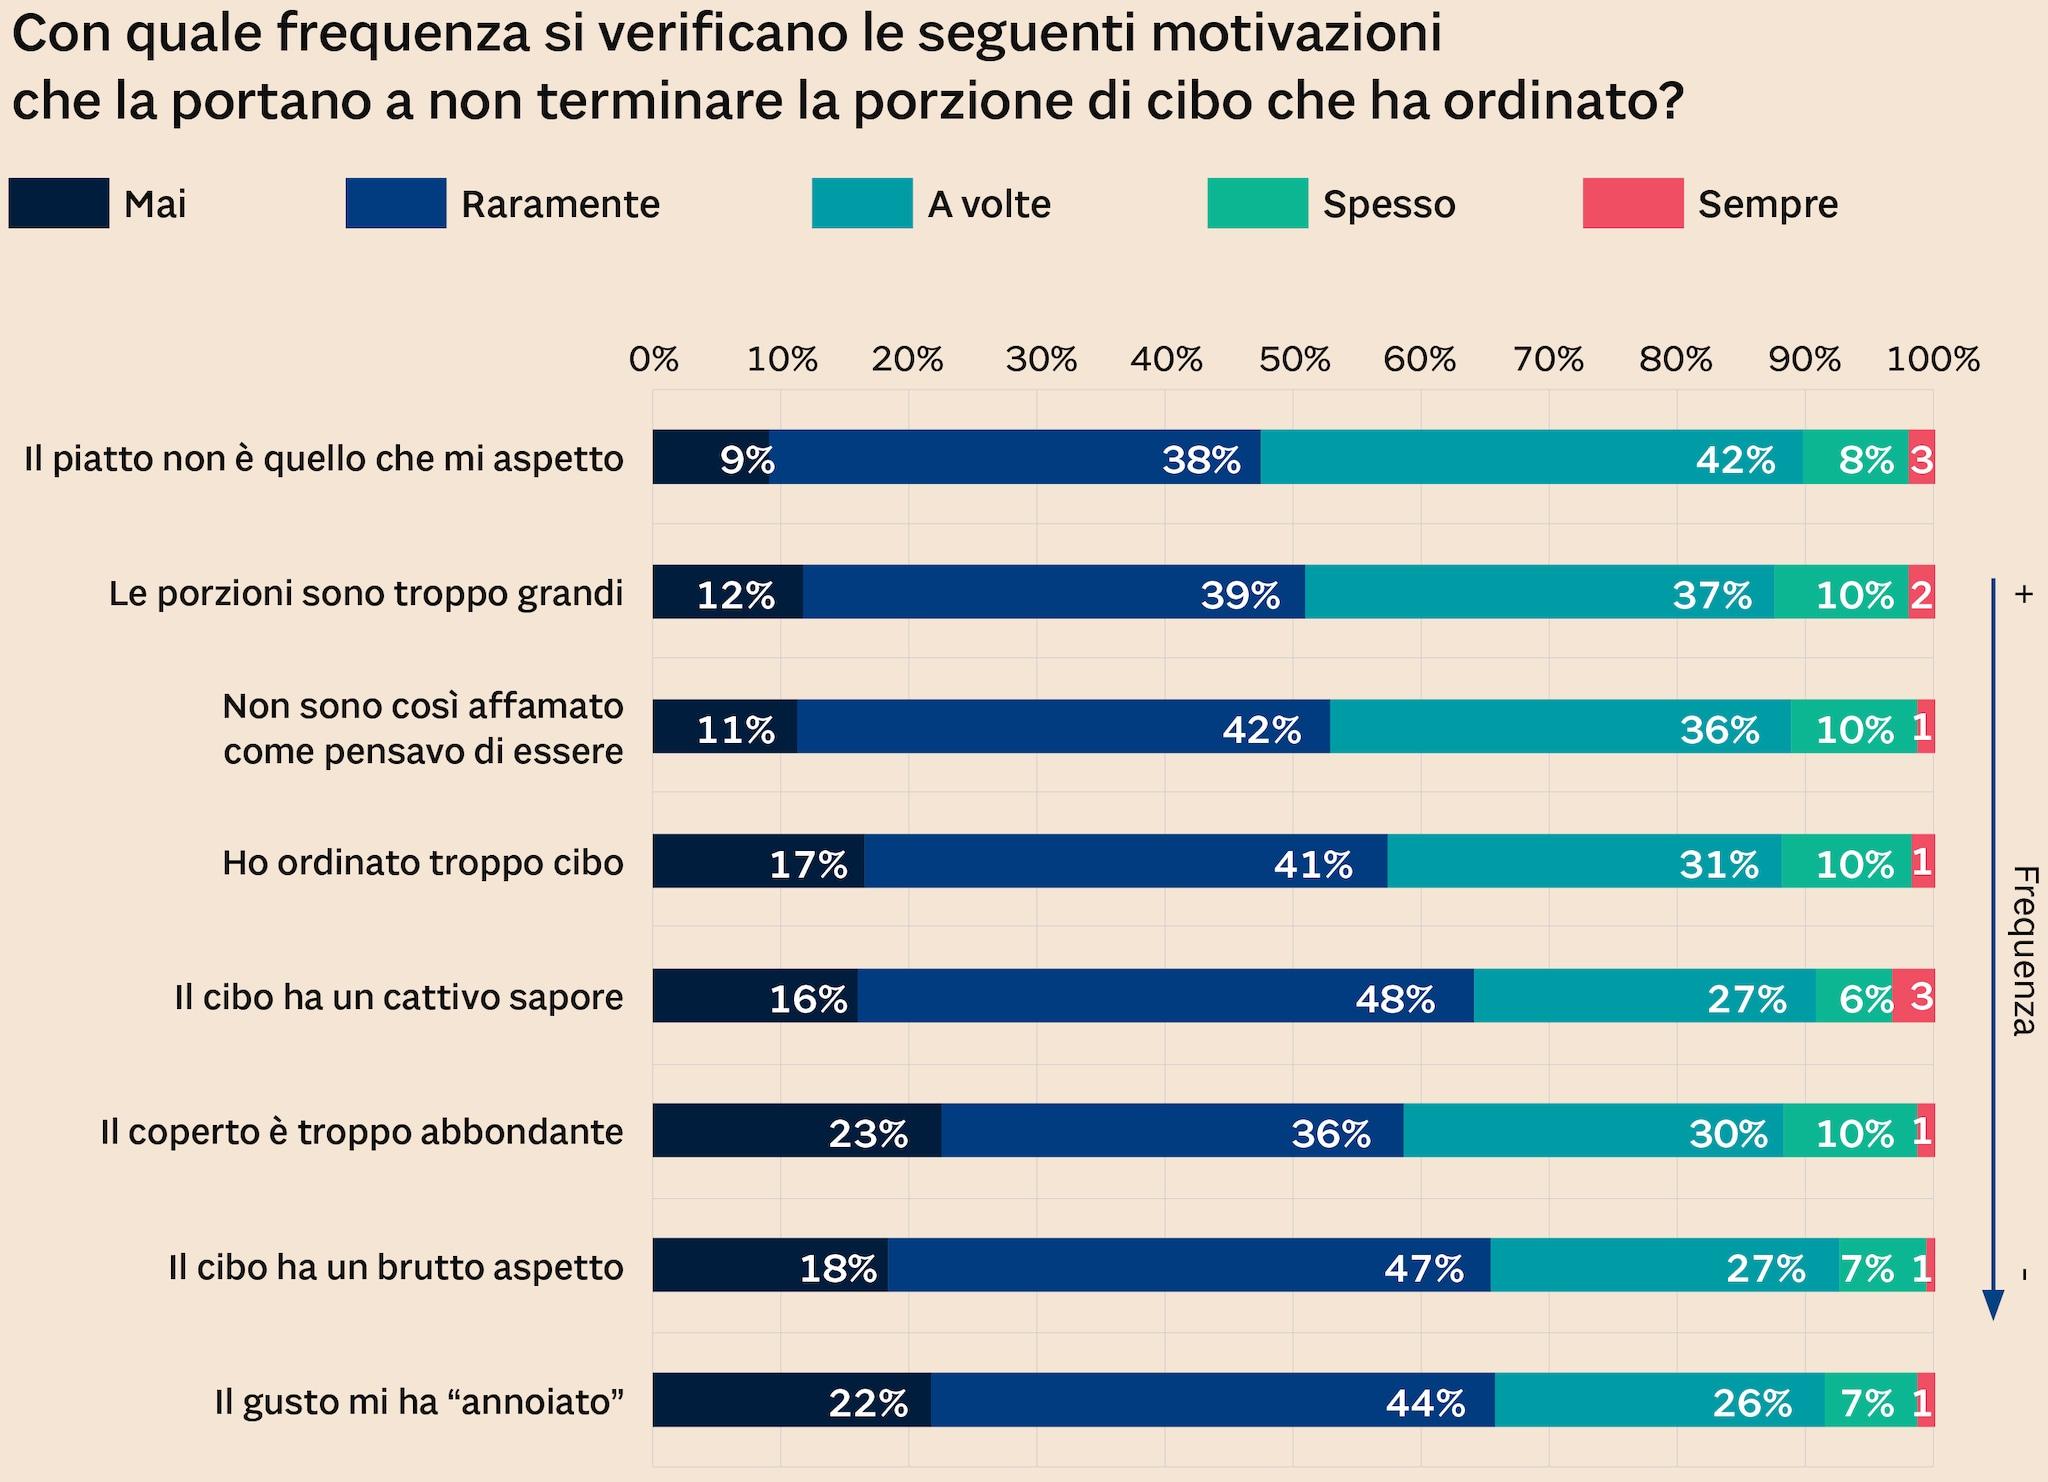 IL 48% DEL CAMPIONE DI RADO NON TERMINA IL CIBO ORDINATO